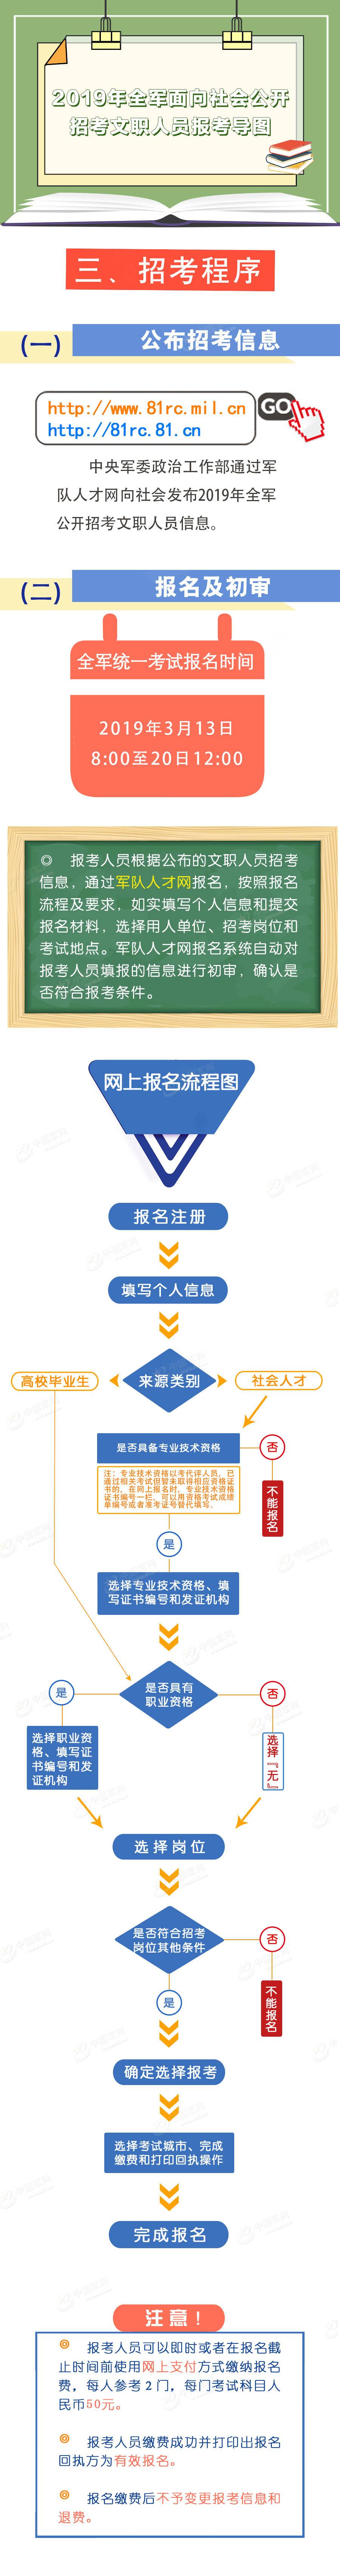 4-2-2019年全军面向社会公开招考文职人员报考导图.jpg?x-oss-process=style/w10